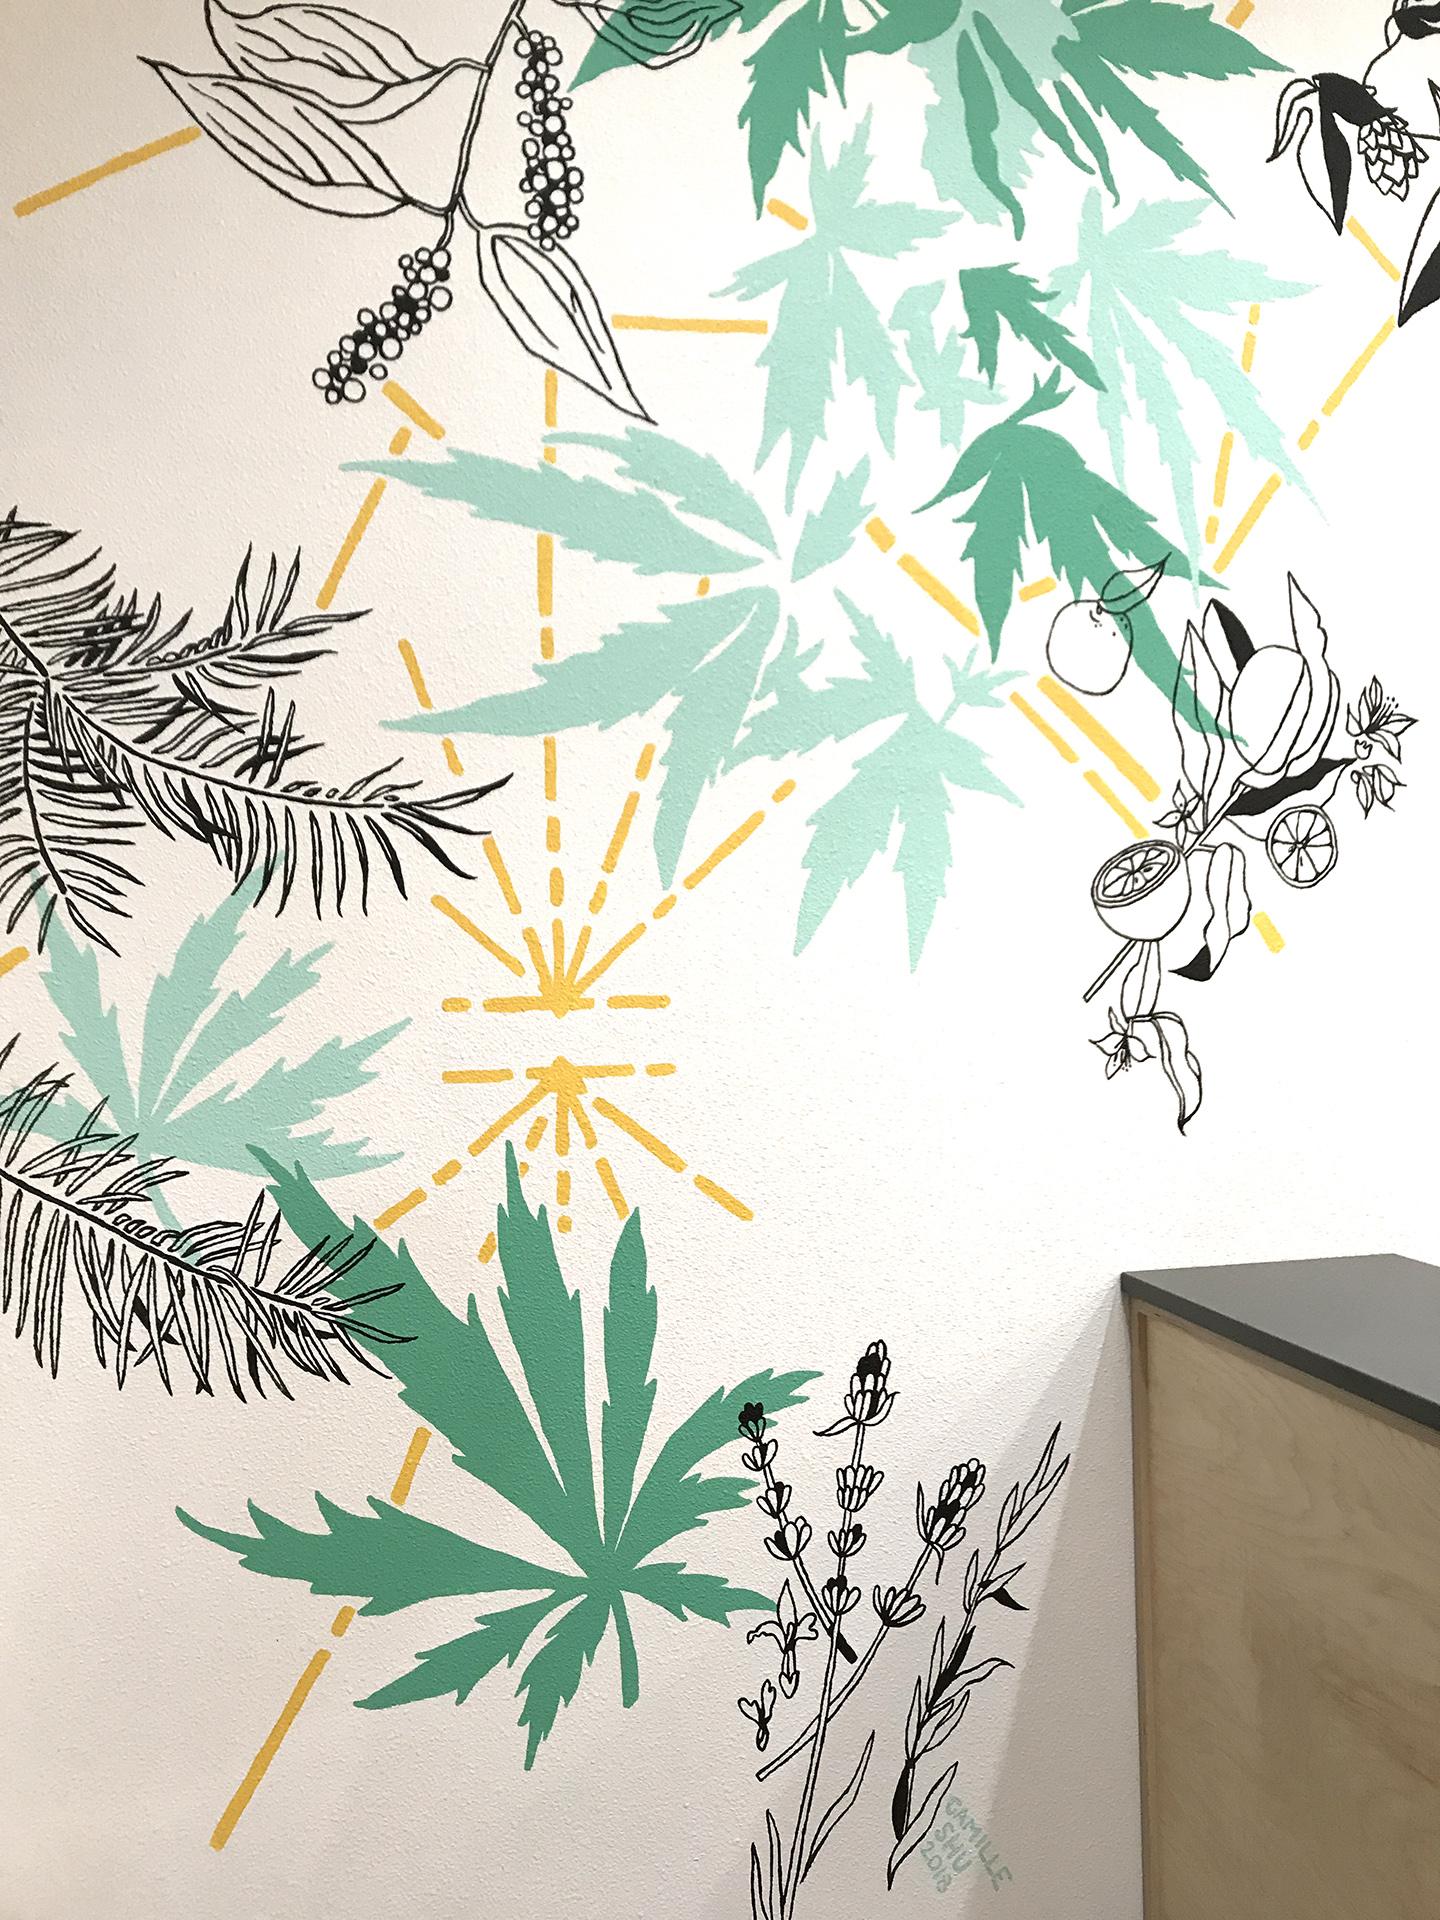 treestar mural detail 4.jpg